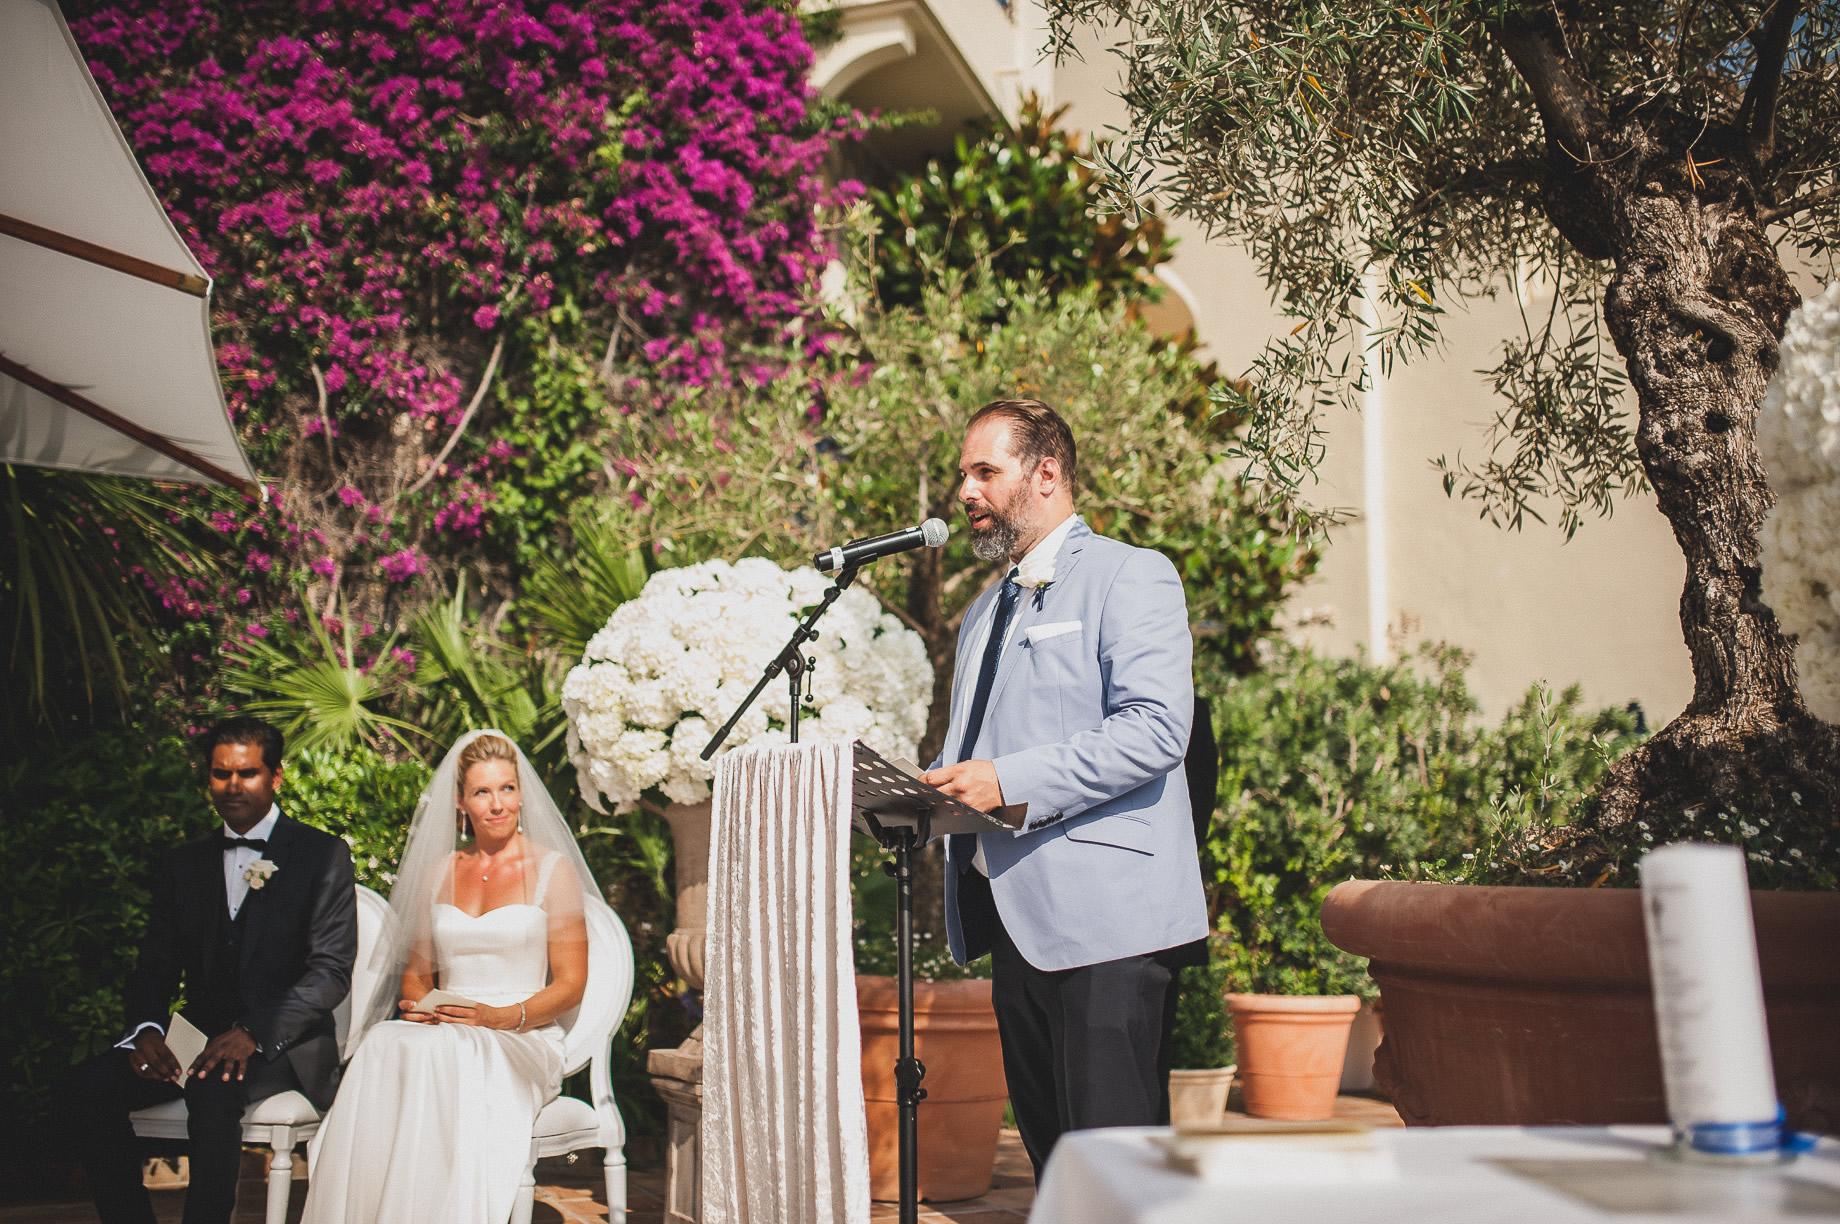 Jen and Priyan's Wedding at Hotel Belles Rives 092